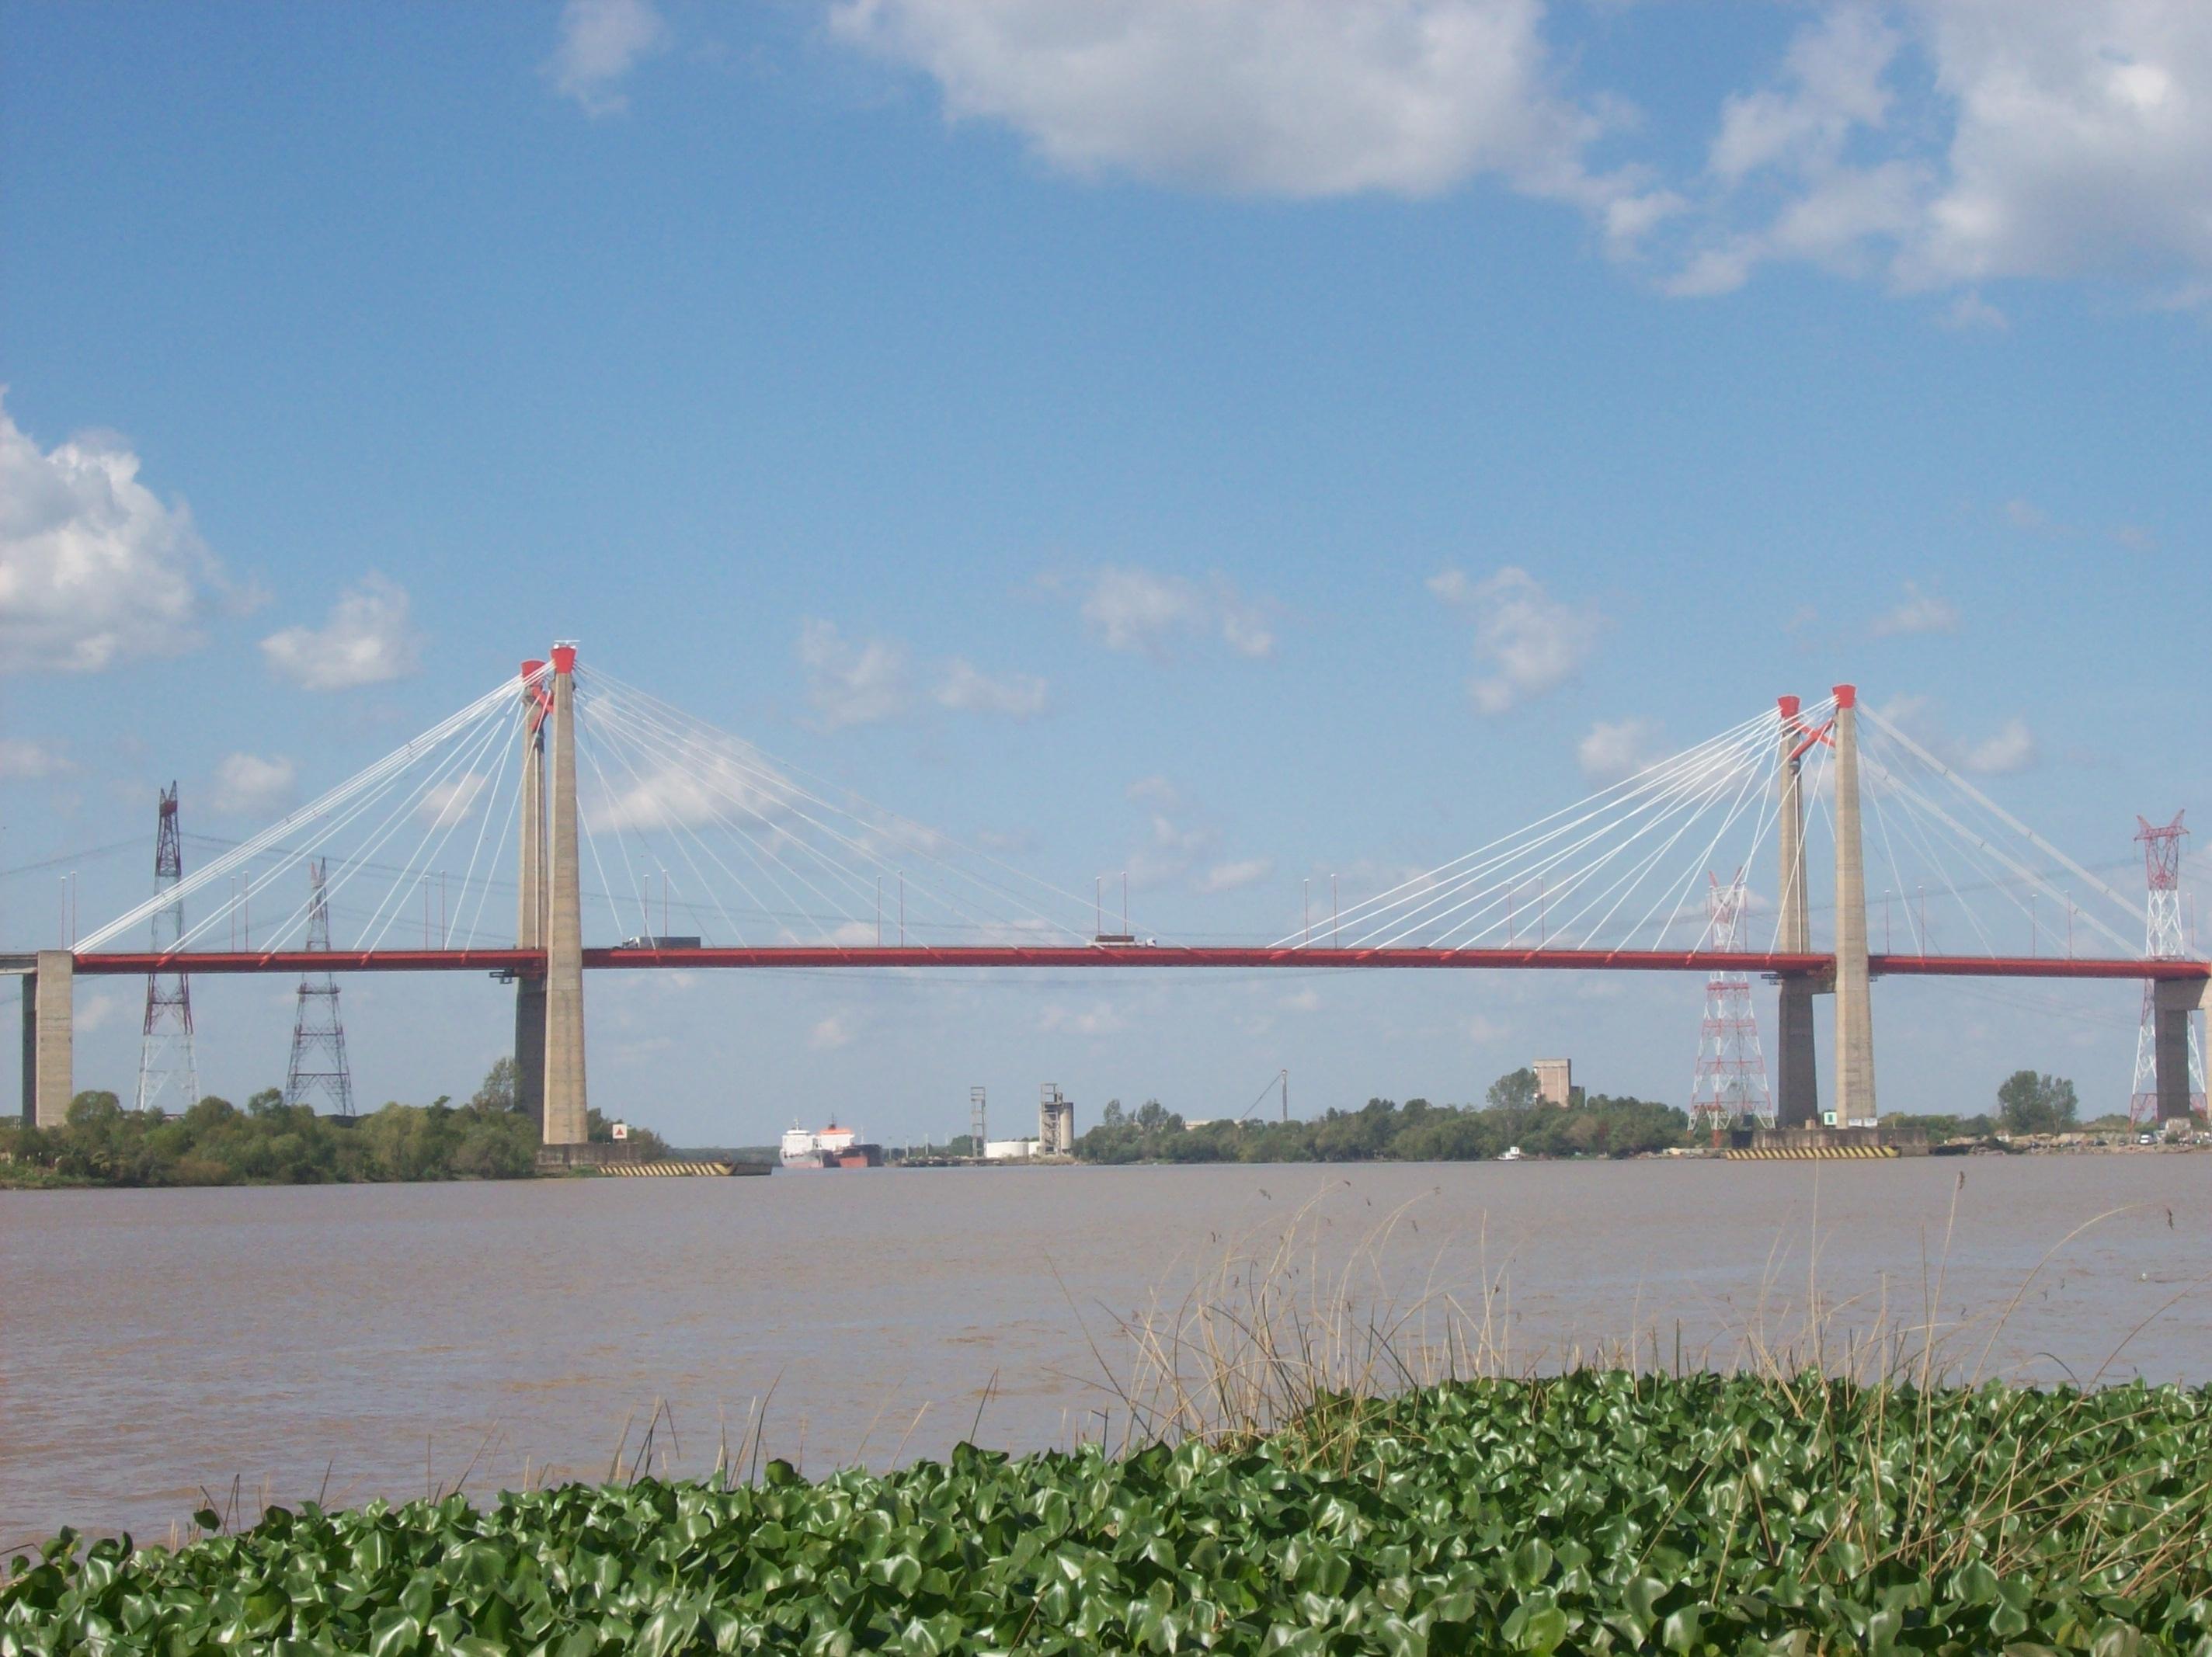 Los veo al otro lado del puente!!!